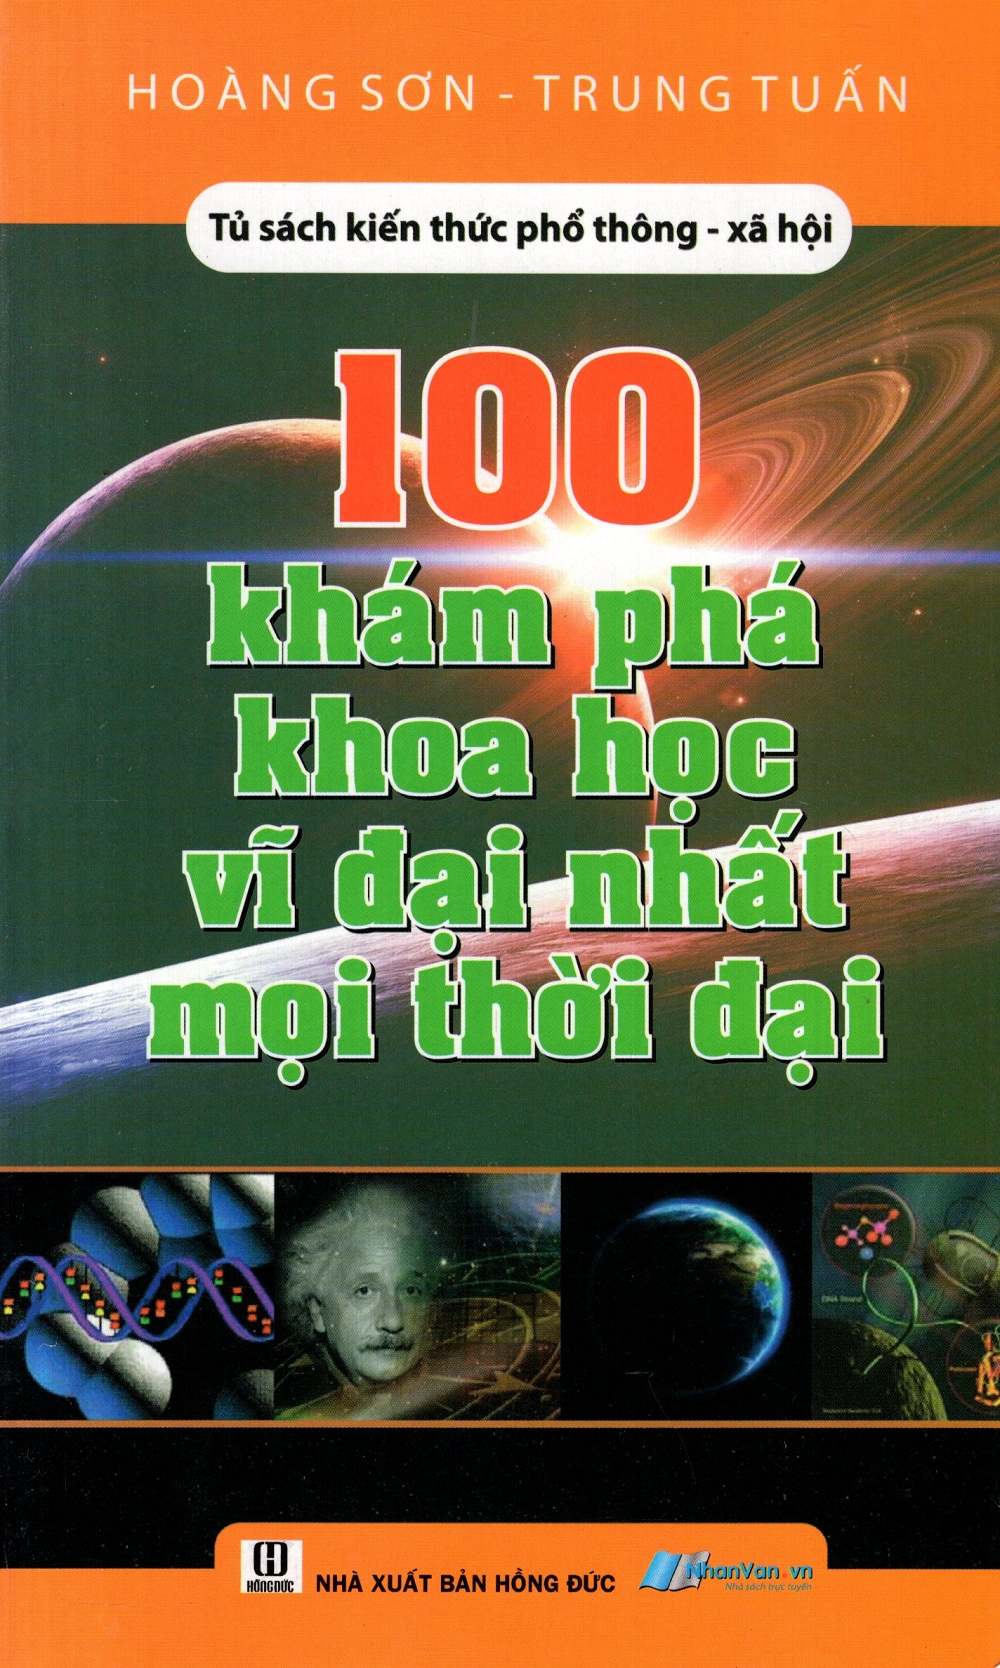 100 Khám Phá Khoa Học Vĩ Đại Nhất Mọi Thời Đại - 8935072871826,62_223750,67000,tiki.vn,100-Kham-Pha-Khoa-Hoc-Vi-Dai-Nhat-Moi-Thoi-Dai-62_223750,100 Khám Phá Khoa Học Vĩ Đại Nhất Mọi Thời Đại